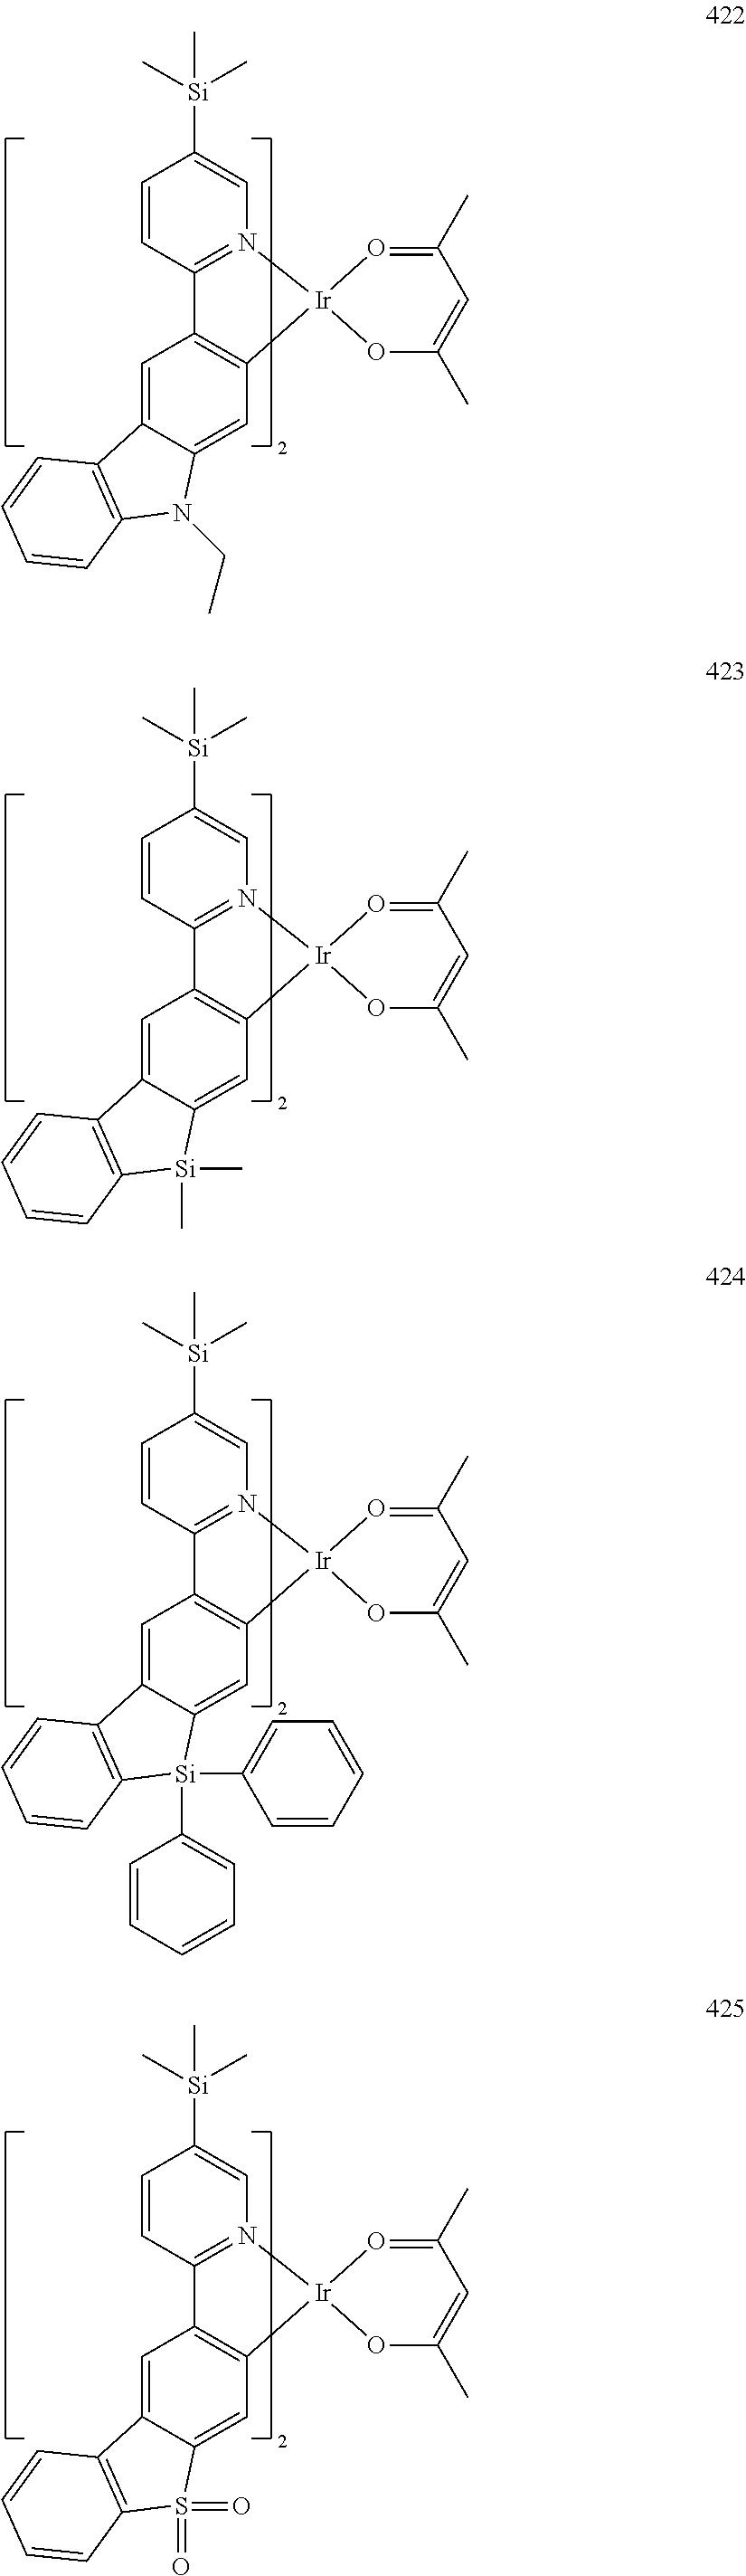 Figure US20160155962A1-20160602-C00187